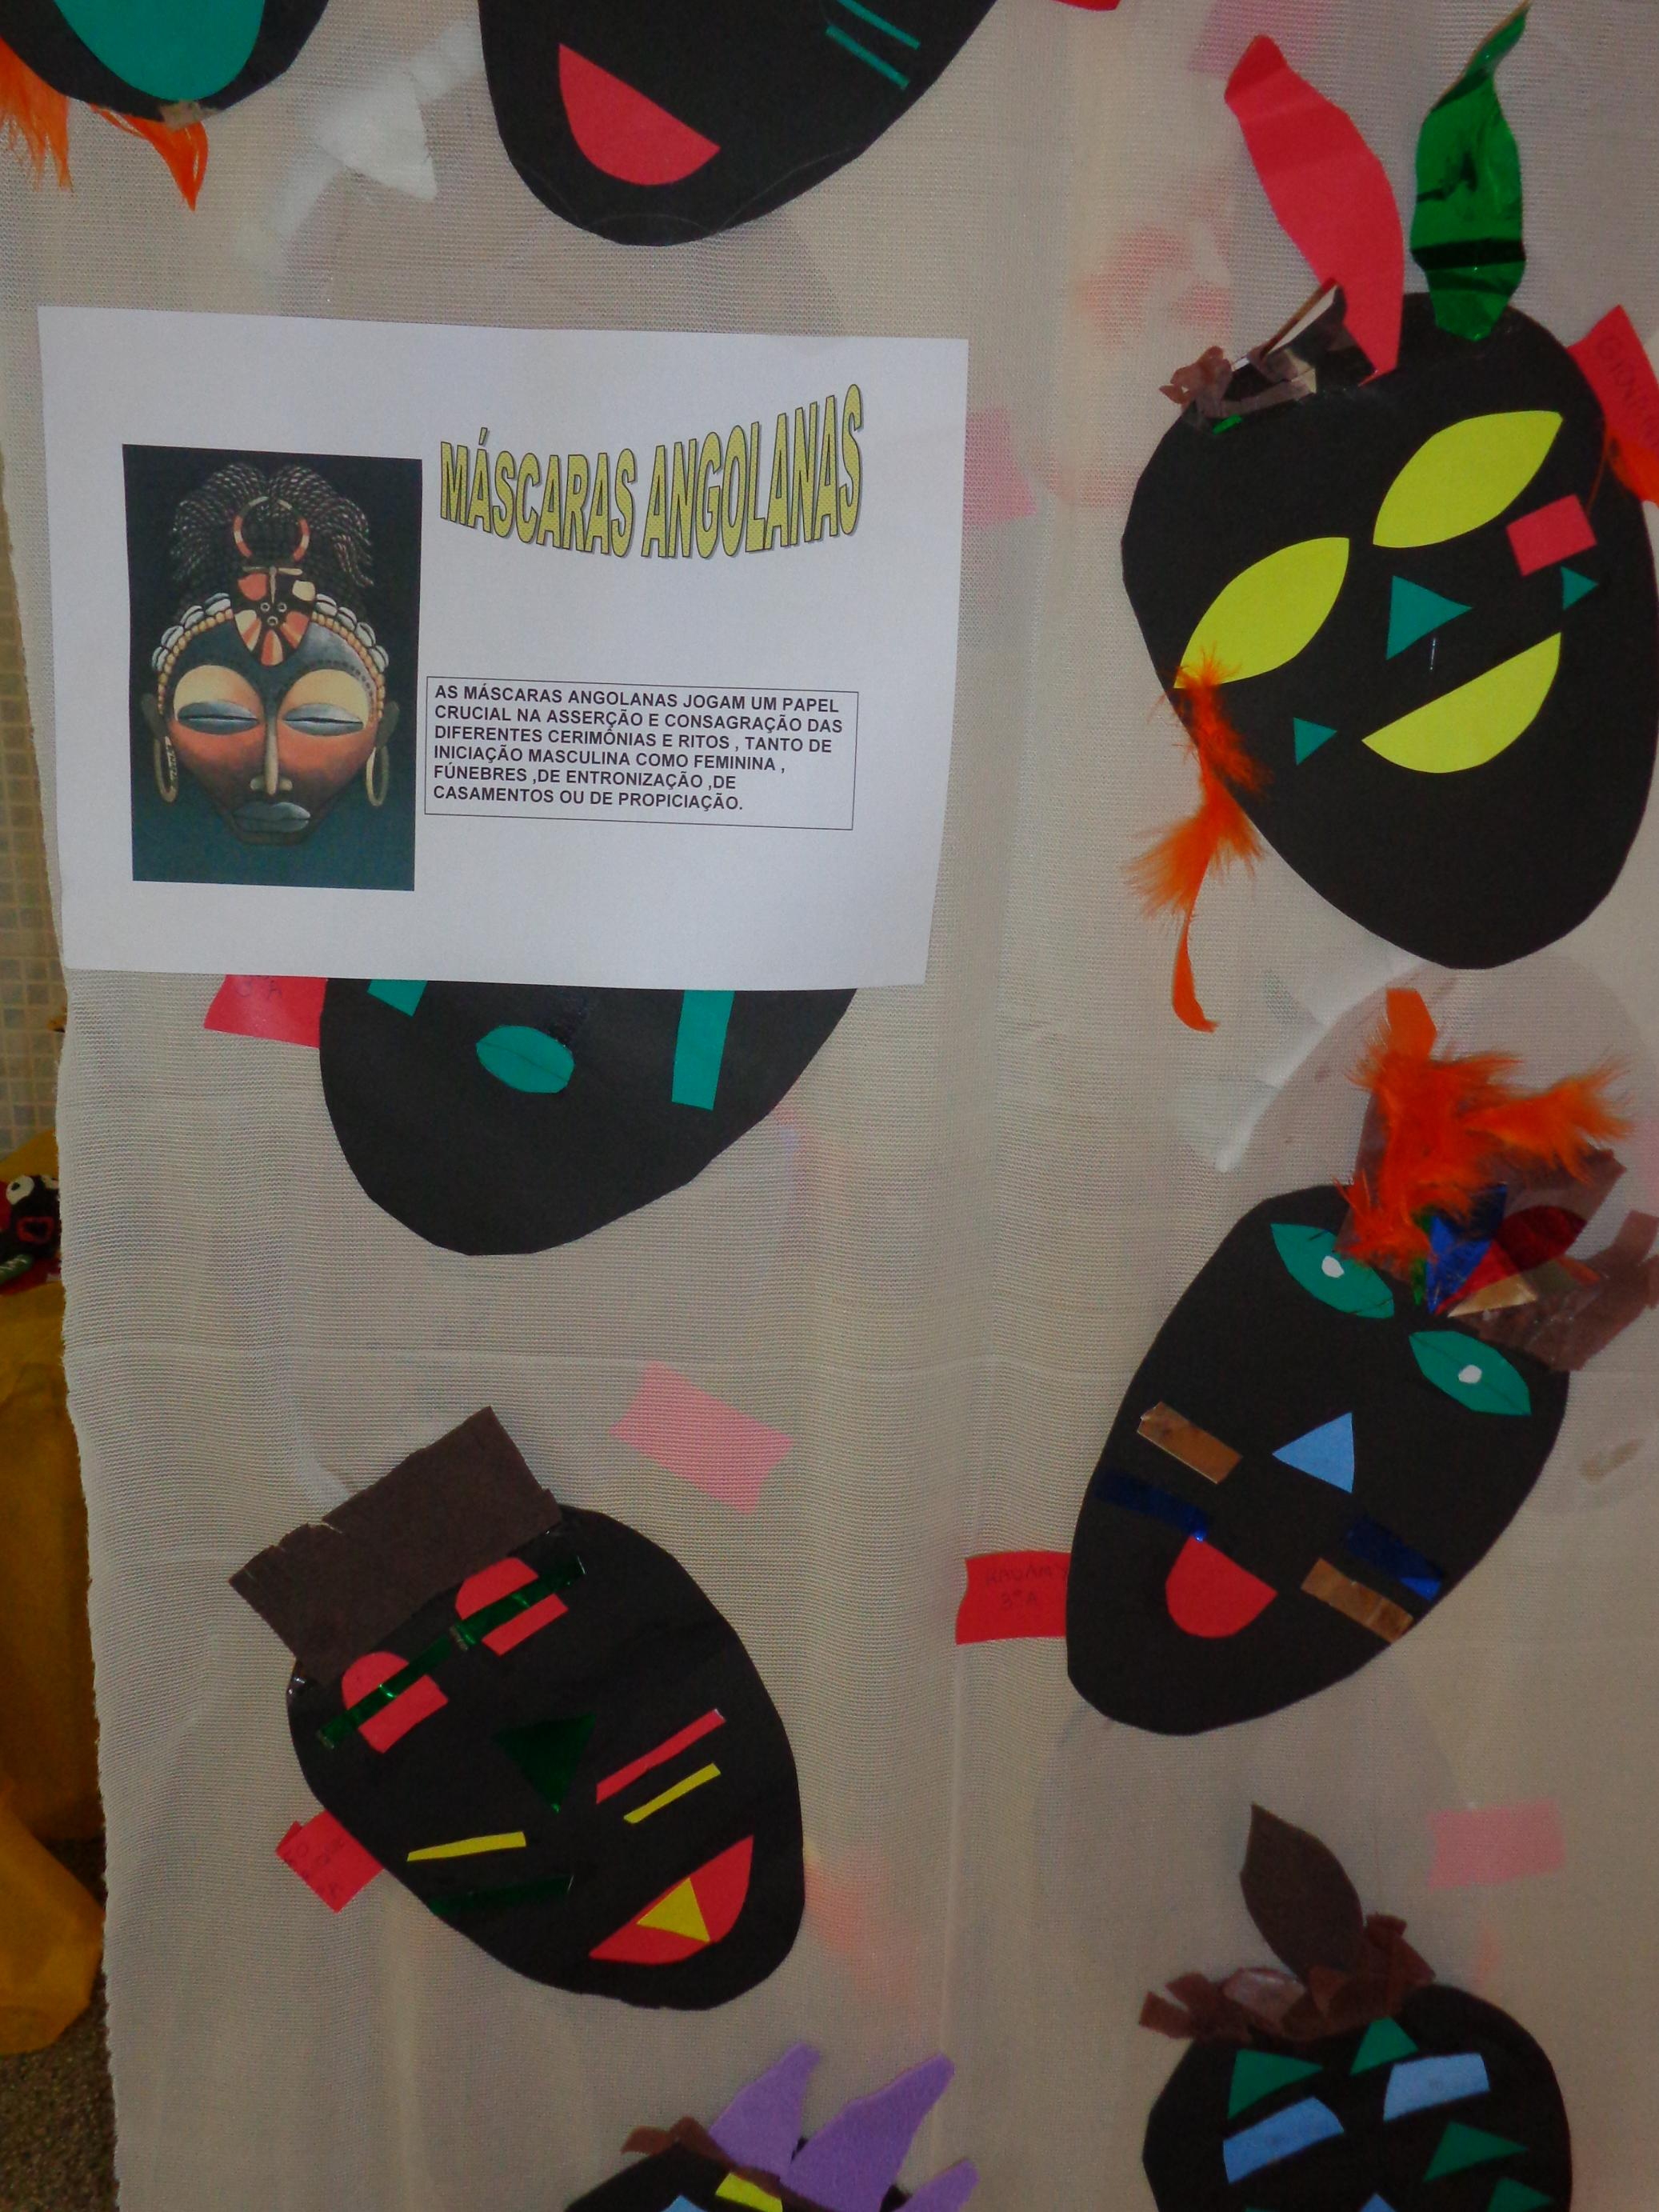 Mostra de Arte: Étnico racial